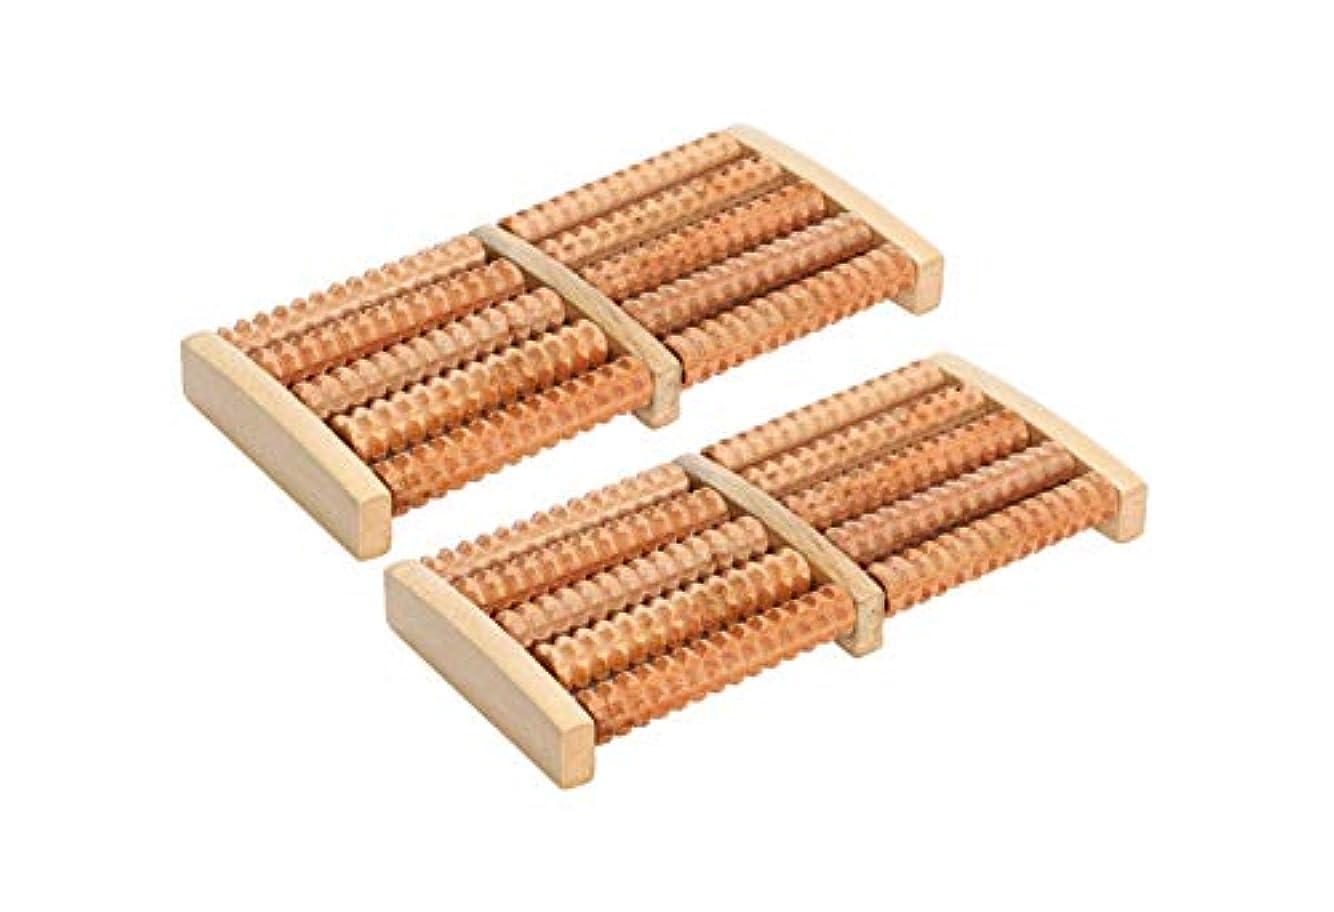 胚芽率直な自我ほうねん堂 足つぼ ローラー 木製 足裏 マッサージ ツボ押し 健康器具 2個 セット